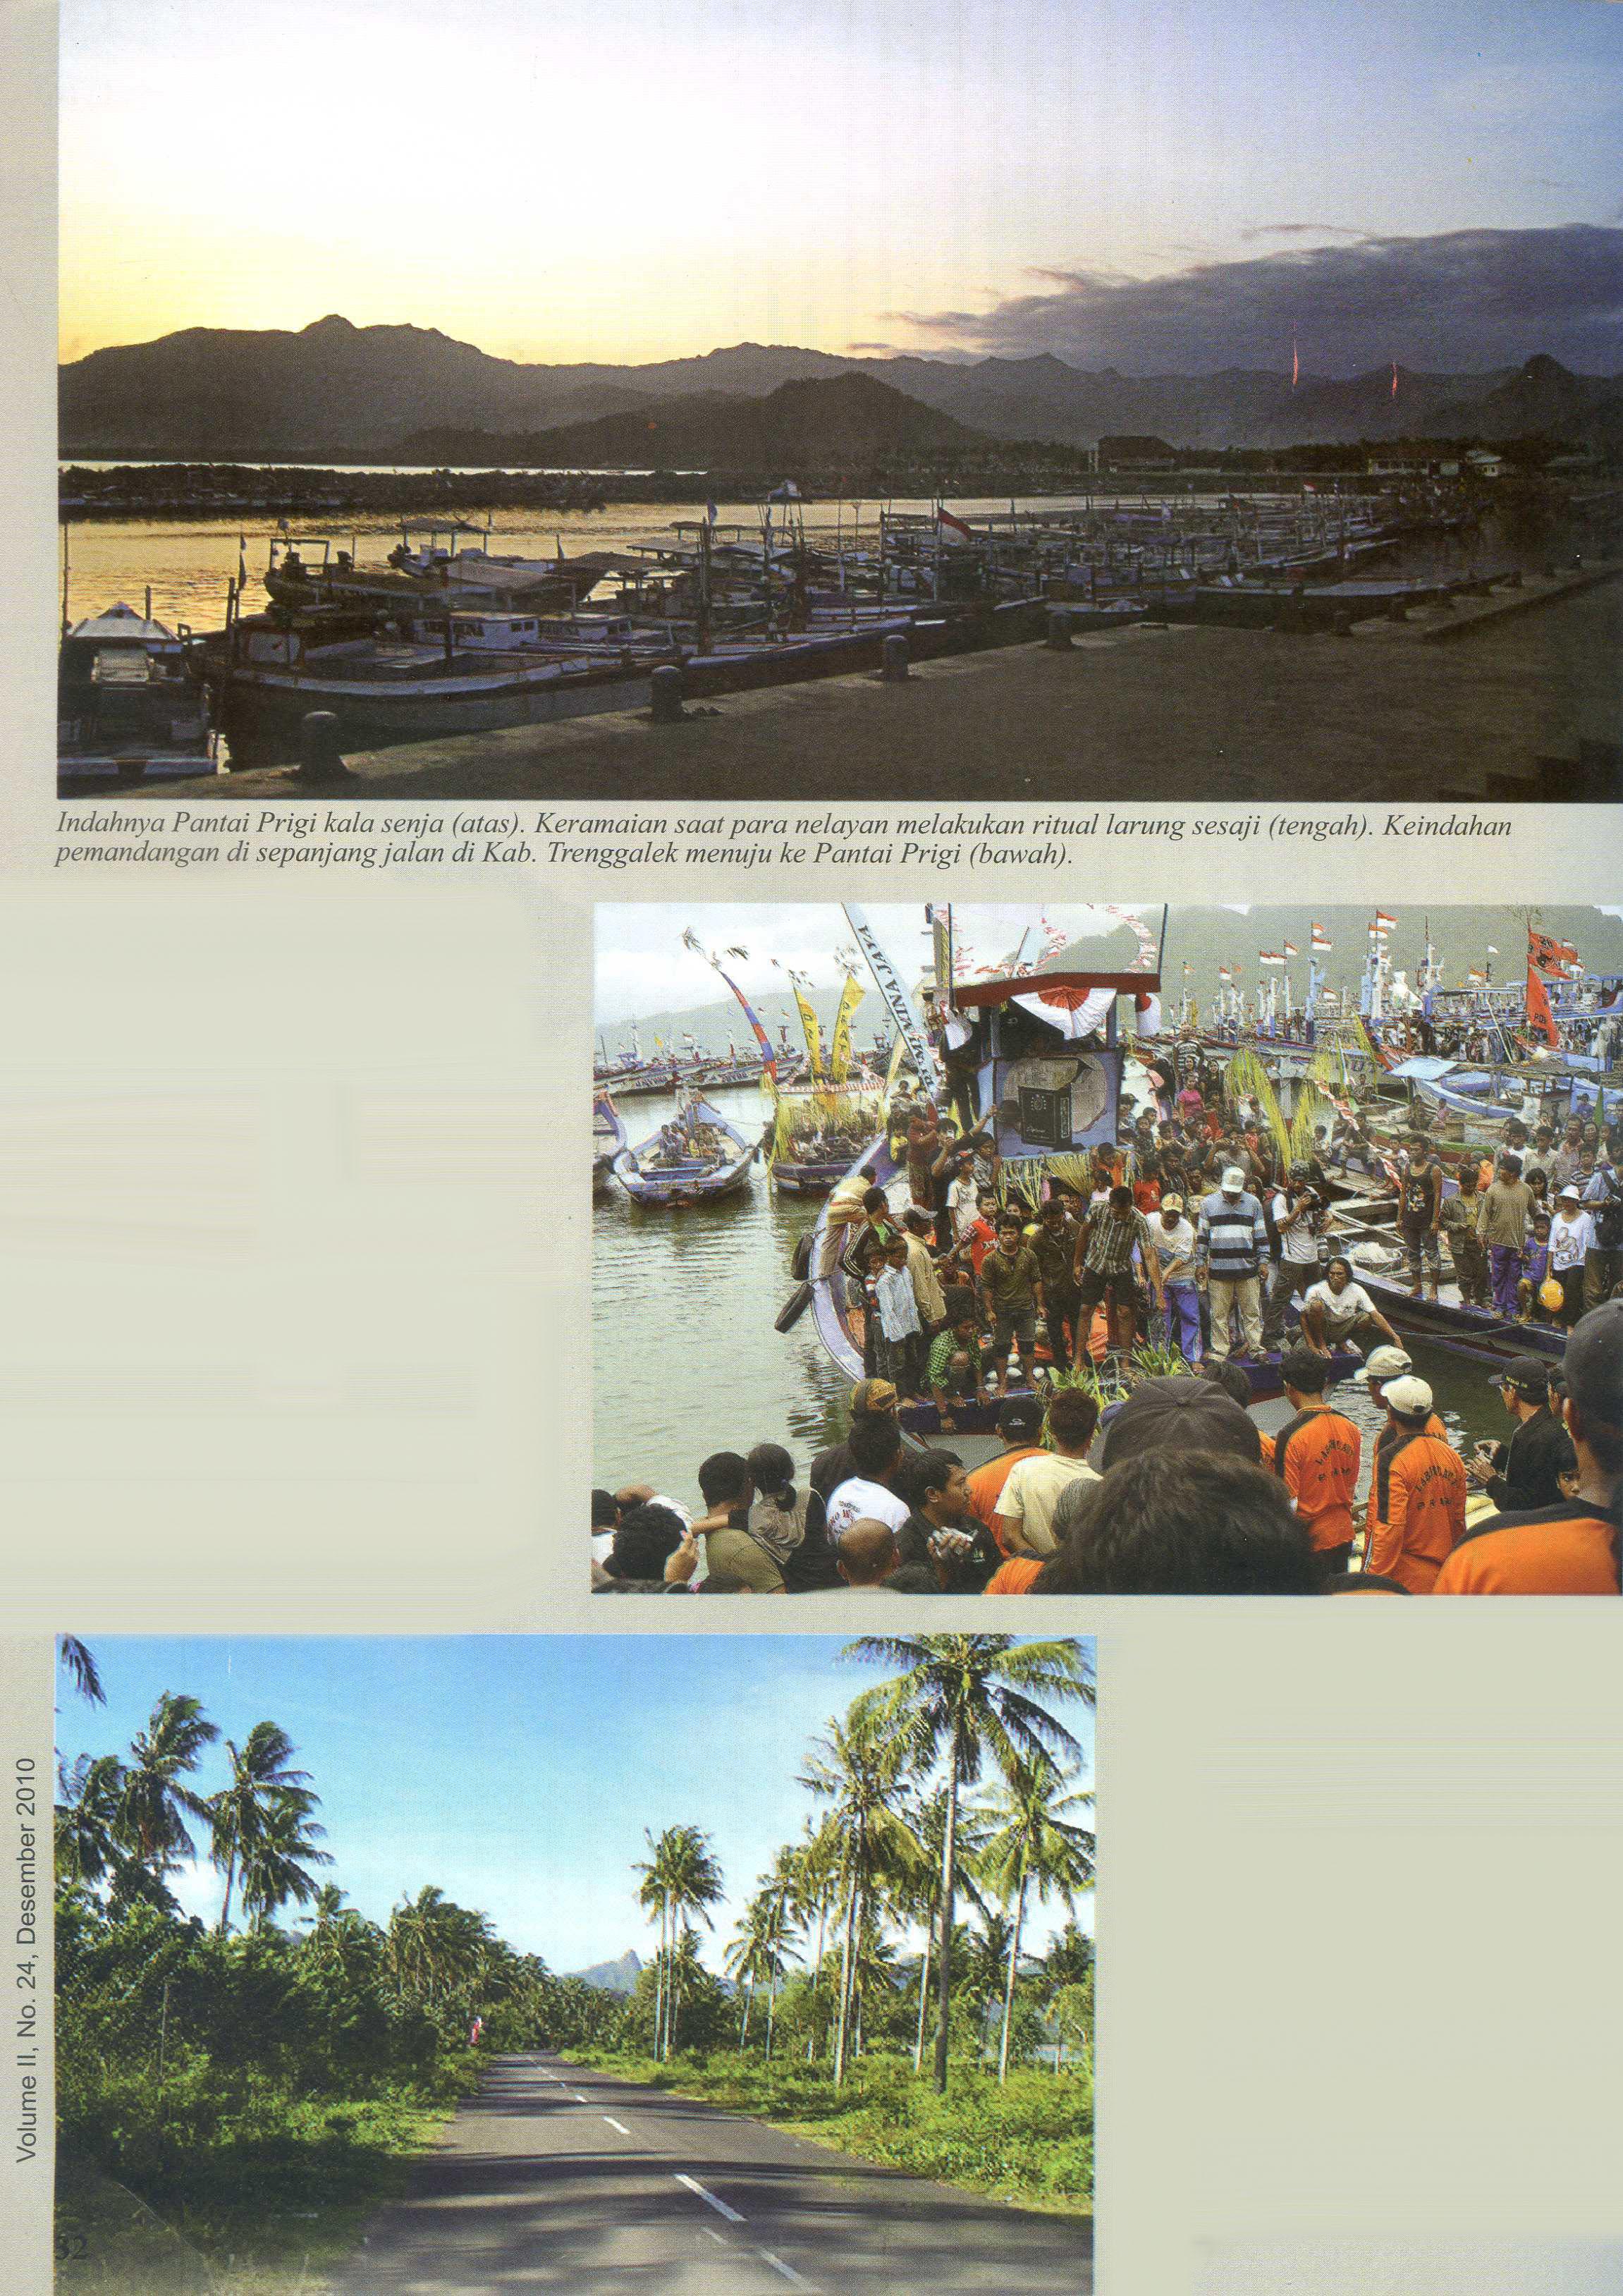 Pantai Prigi Kabupaten Trenggalek Wisata Jawatimuran Menikmati Suasana Tidak Lengkap